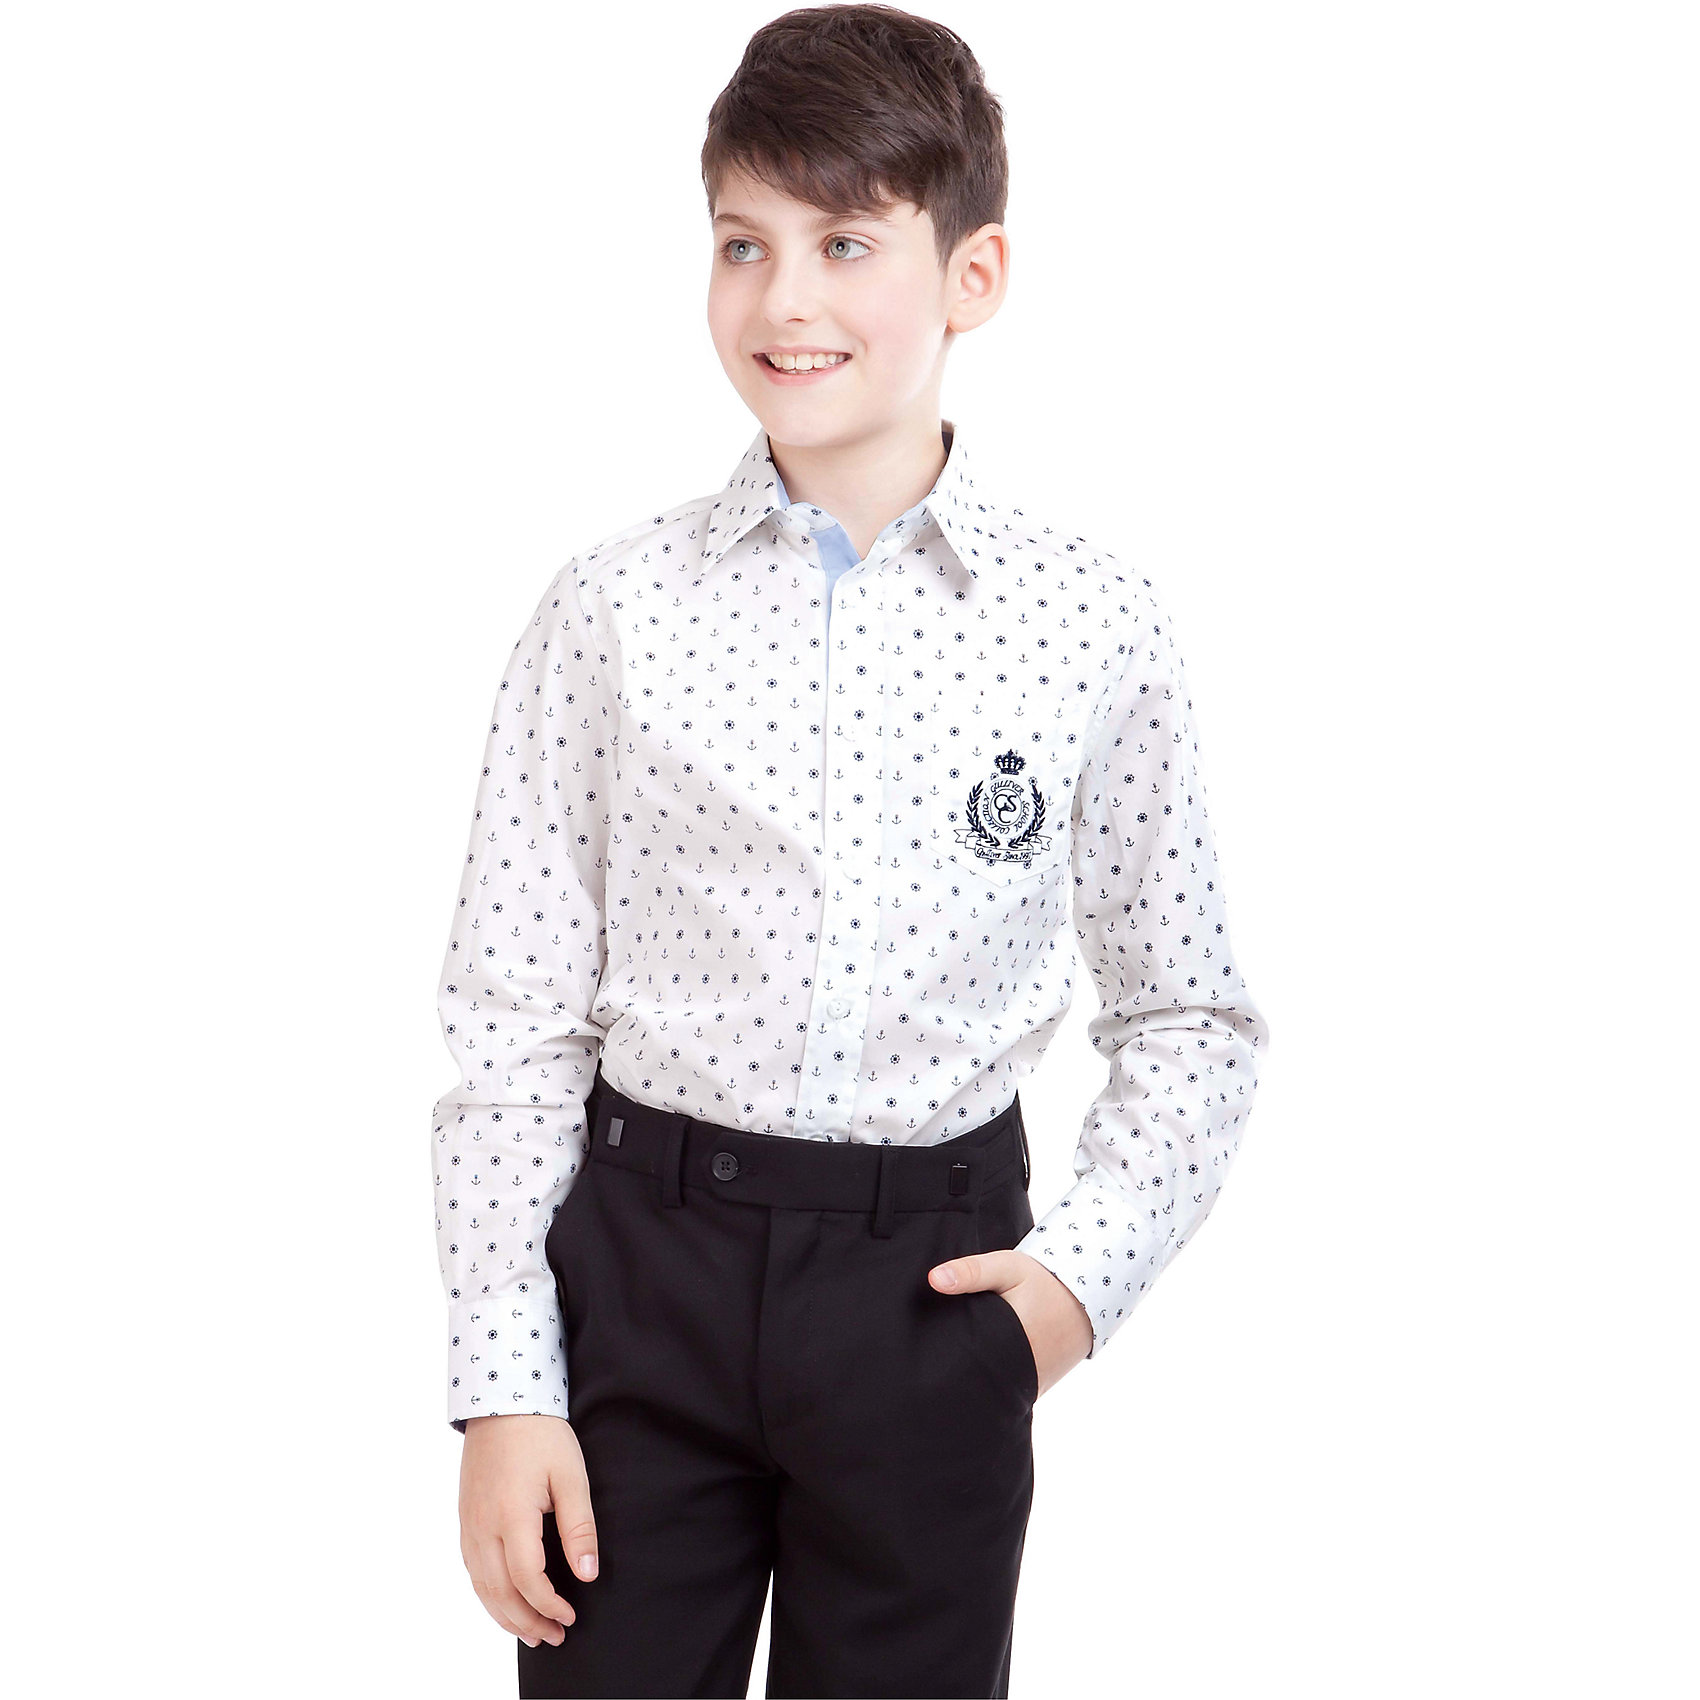 Рубашка для мальчика GulliverРубашка для мальчика от российского бренда Gulliver.<br>Классическая рубашка с интересным орнаментом разнообразит будни школьника. Ведь так хочется выглядеть стильно, соблюдая при этом школьный дресс-код.  Ее украшает внутренняя контрастная отделка воротника, манжет и планки, а также лаконичная вышивка и шеврон с монограммой GSC (Gulliver School Collection).<br>Состав:<br>100% Хлопок<br><br>Ширина мм: 174<br>Глубина мм: 10<br>Высота мм: 169<br>Вес г: 157<br>Цвет: белый<br>Возраст от месяцев: 132<br>Возраст до месяцев: 144<br>Пол: Мужской<br>Возраст: Детский<br>Размер: 152,146,122,164,134,128,140,158<br>SKU: 4174534